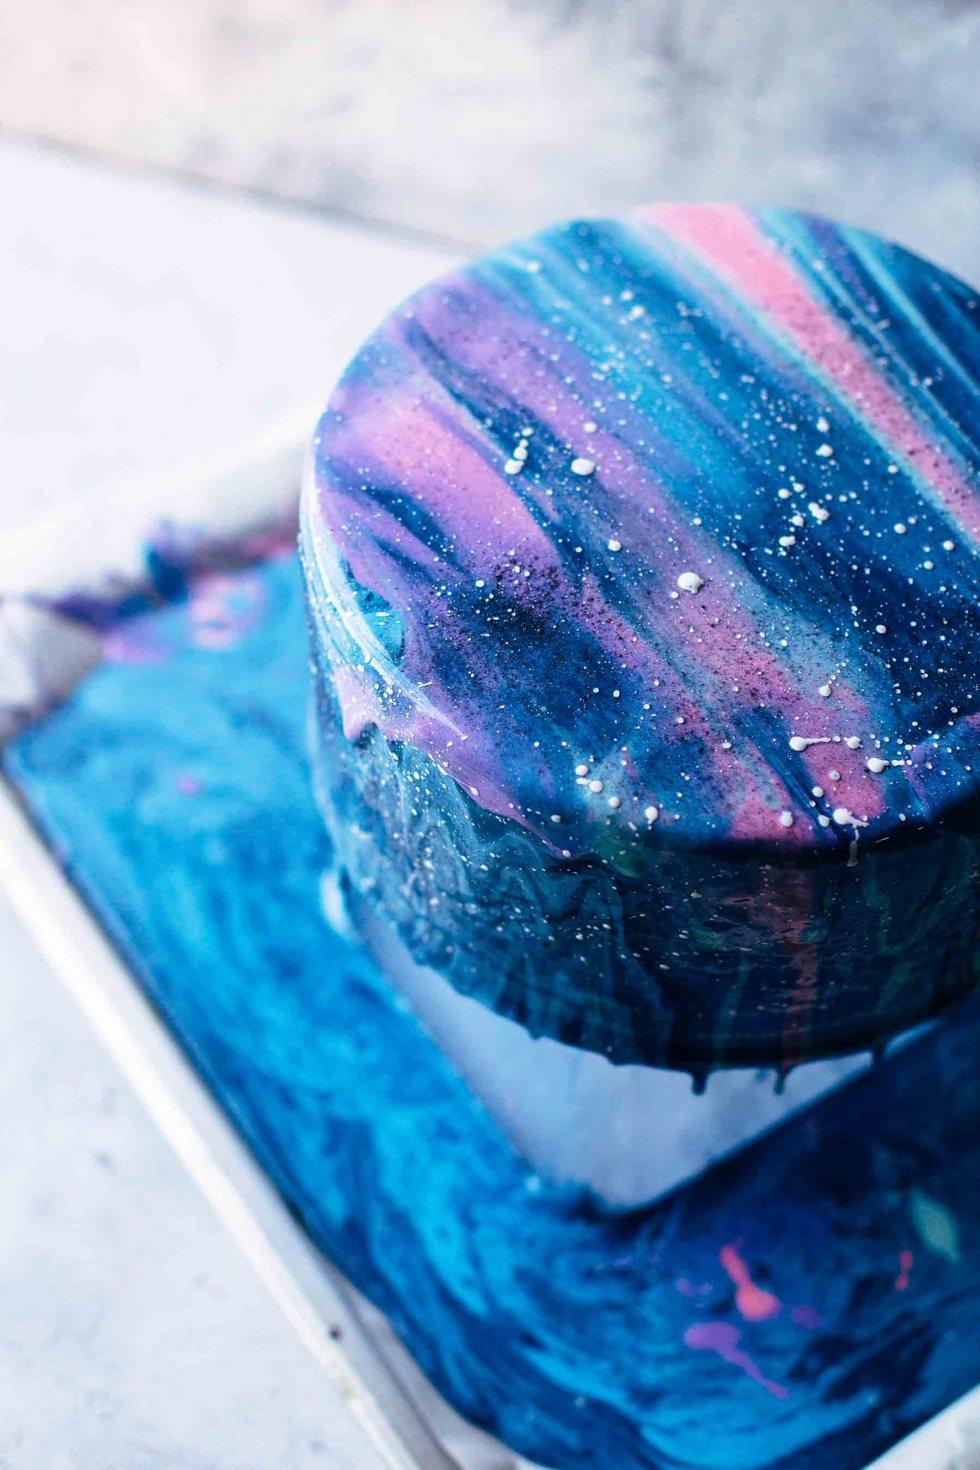 Galxay Glaze Mioror Cake